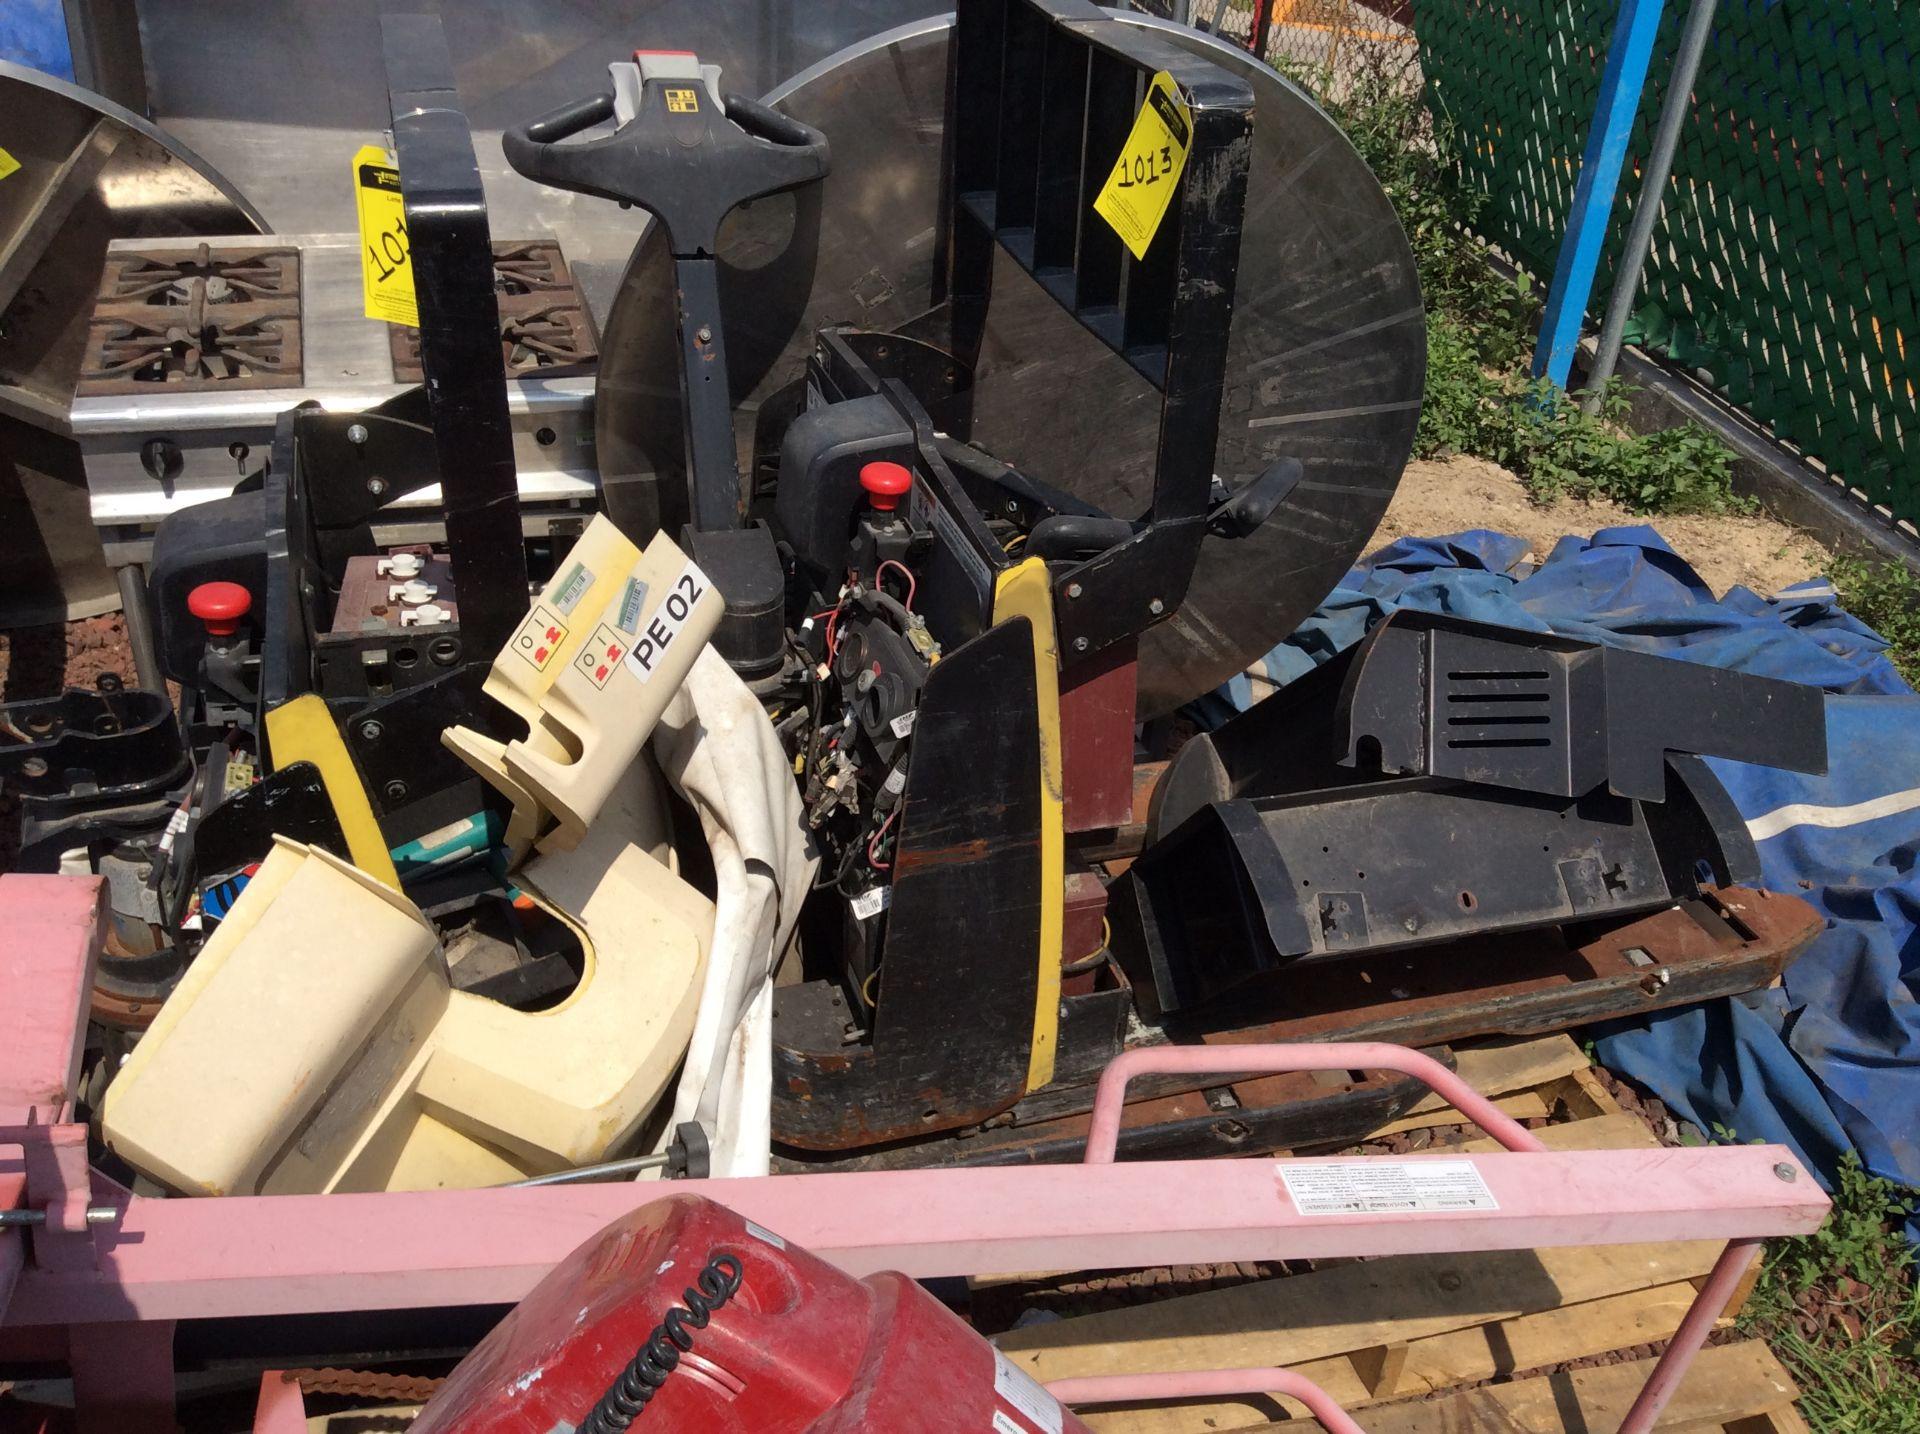 2 HYSTER lift pallet truck model W45ZHD 24 V , 1 DAYTON lift pallet truck model 21XV82 - Image 20 of 21